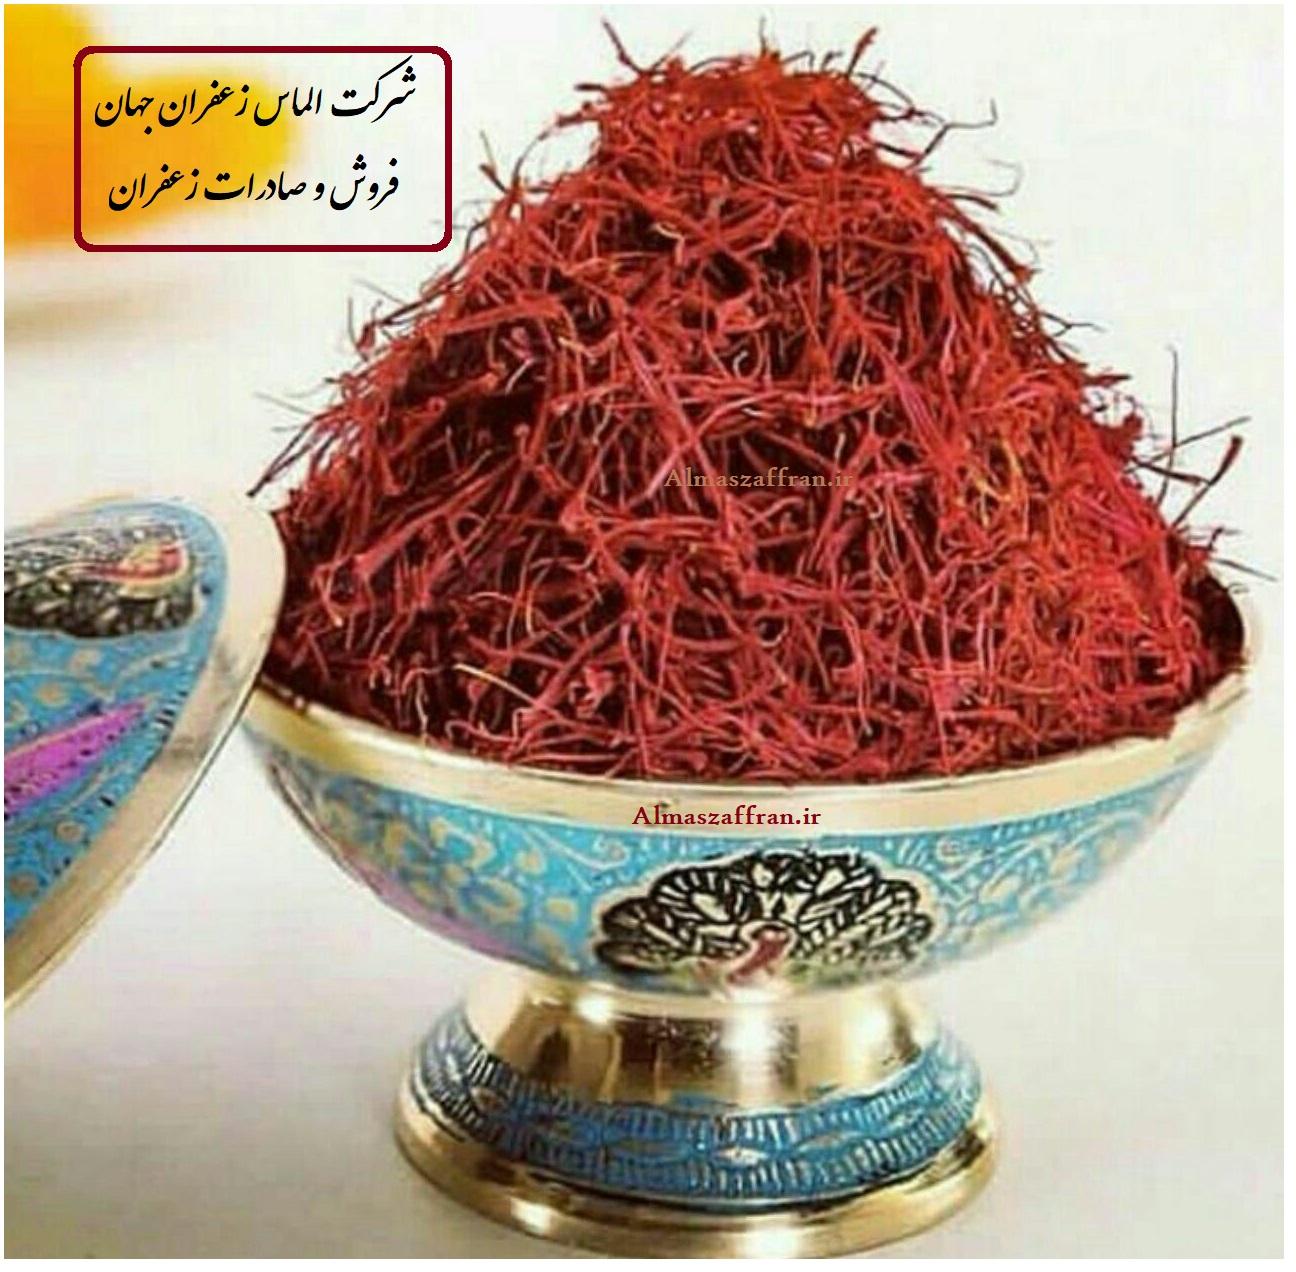 فروش انواع زعفران صادراتی و قیمت زعفران